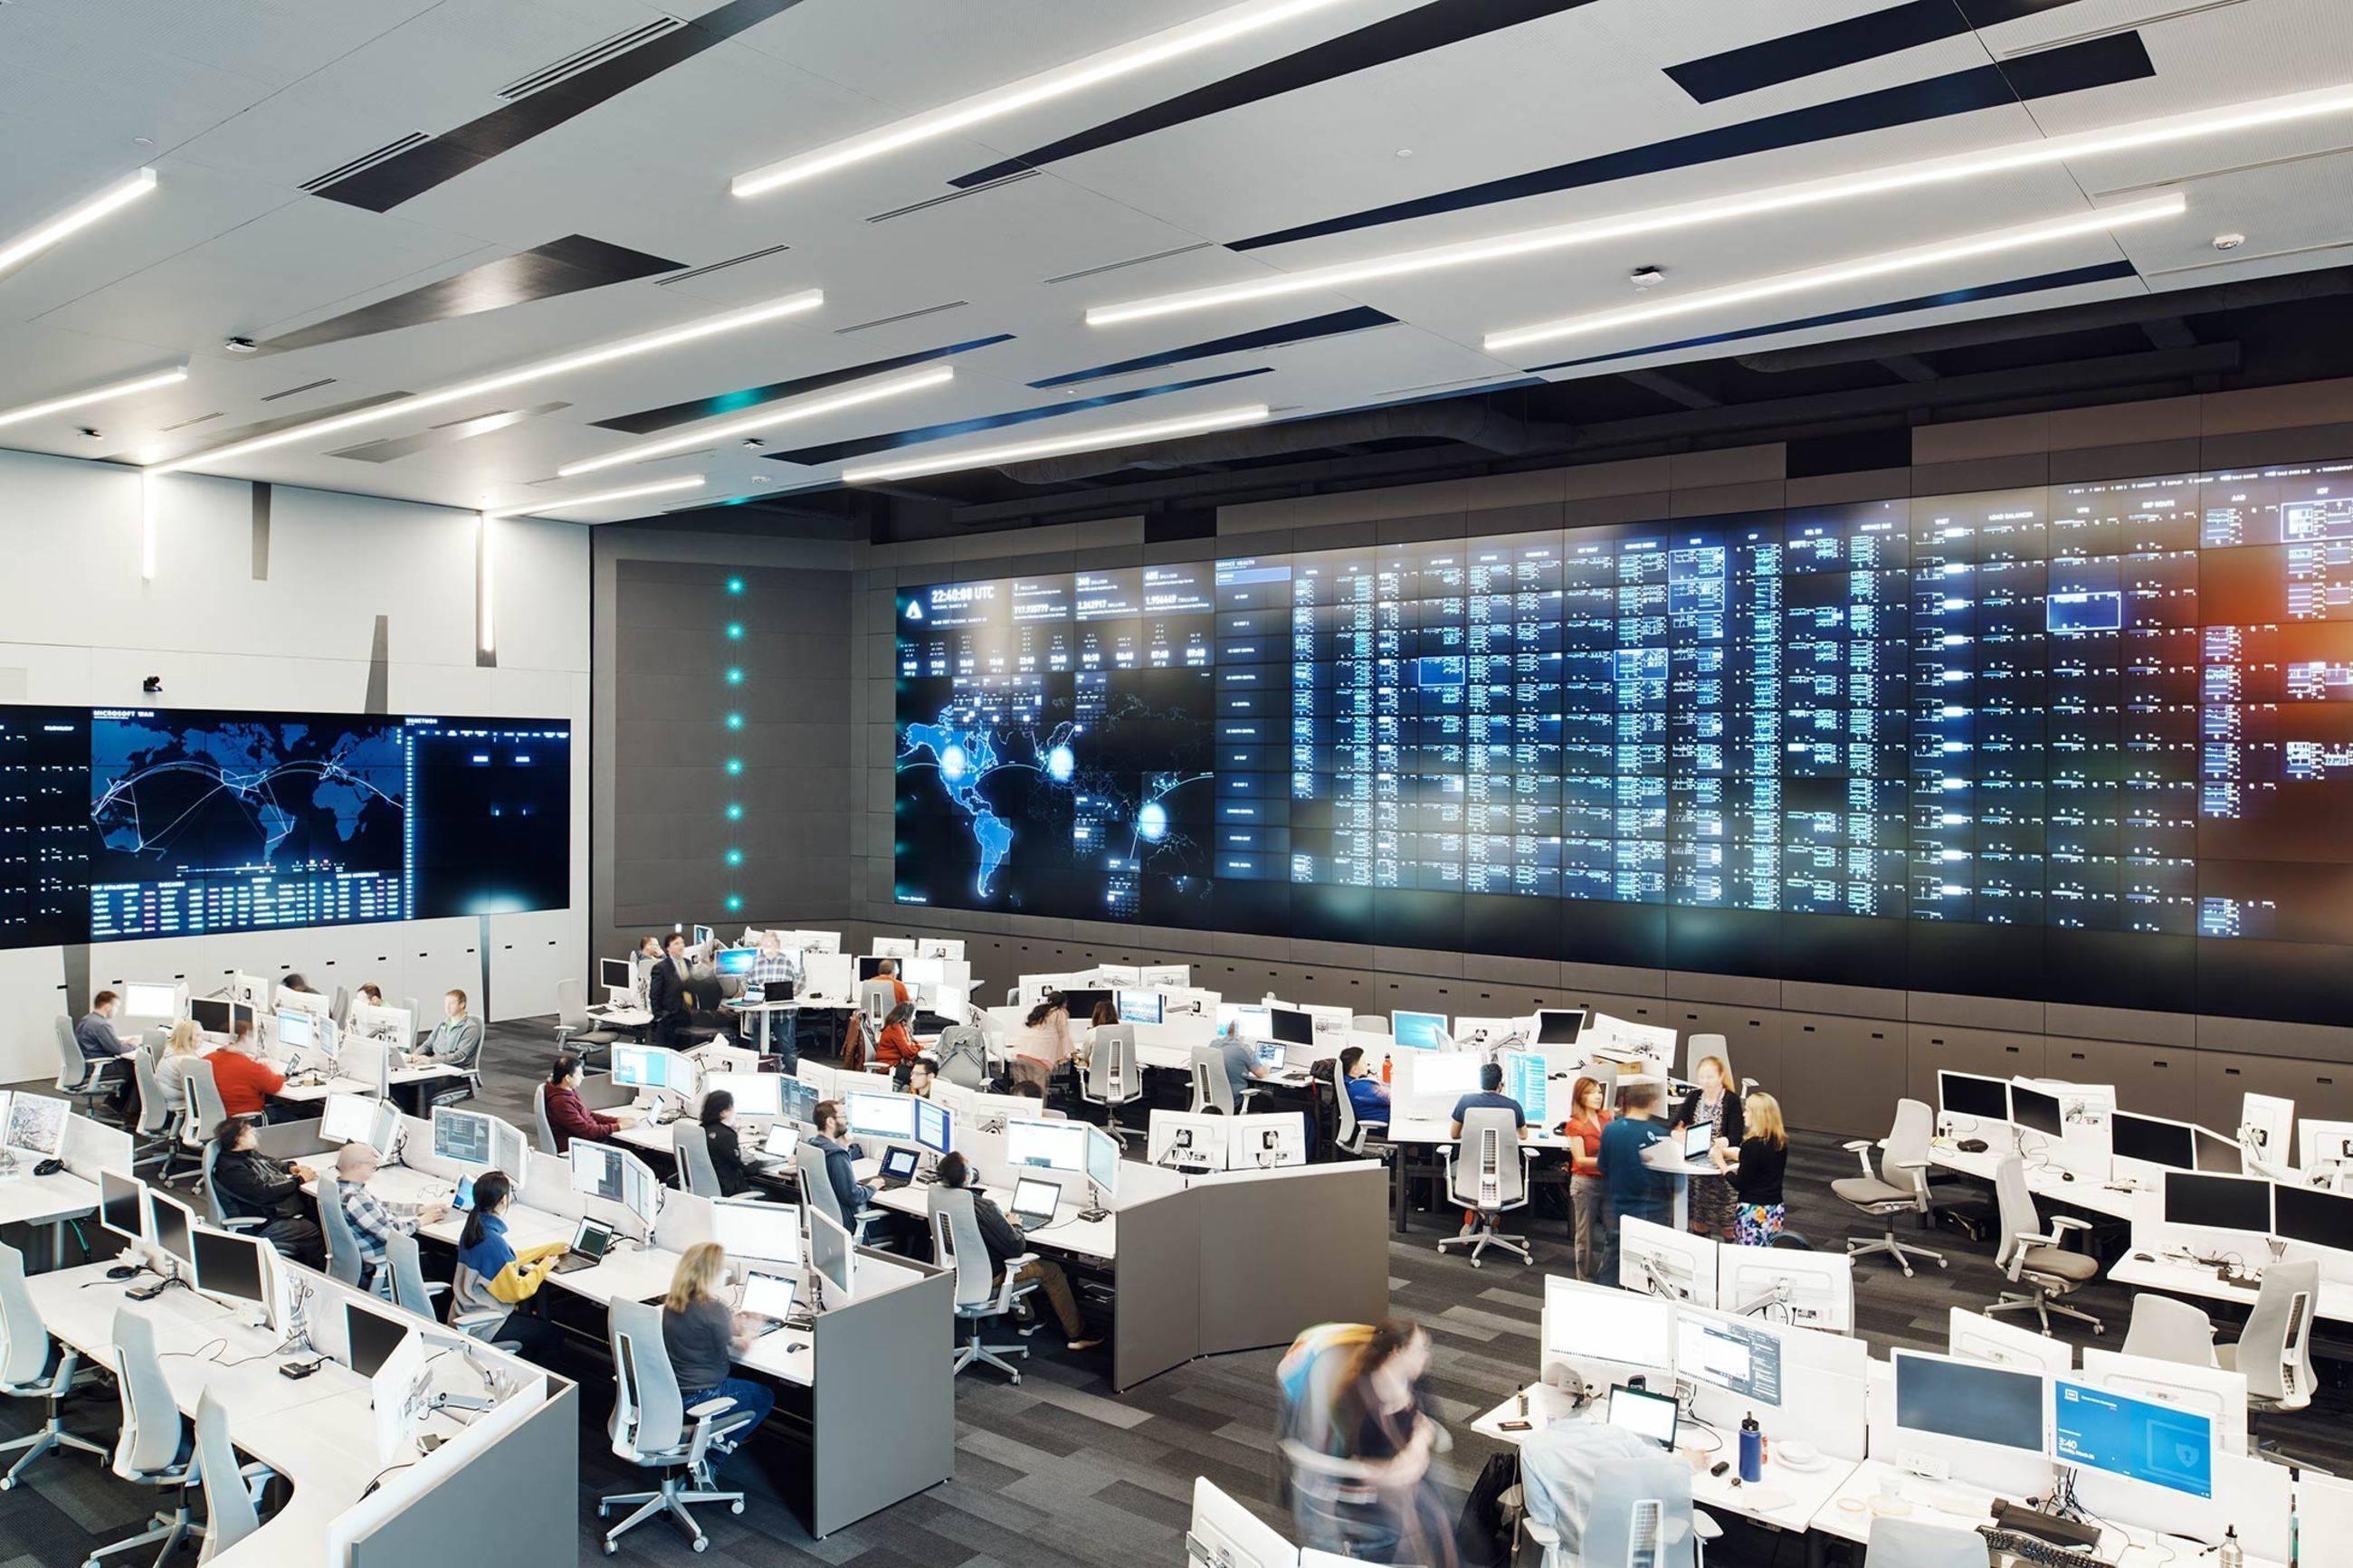 微软 Build 大会前瞻:市值万亿的微软有什么新打算?